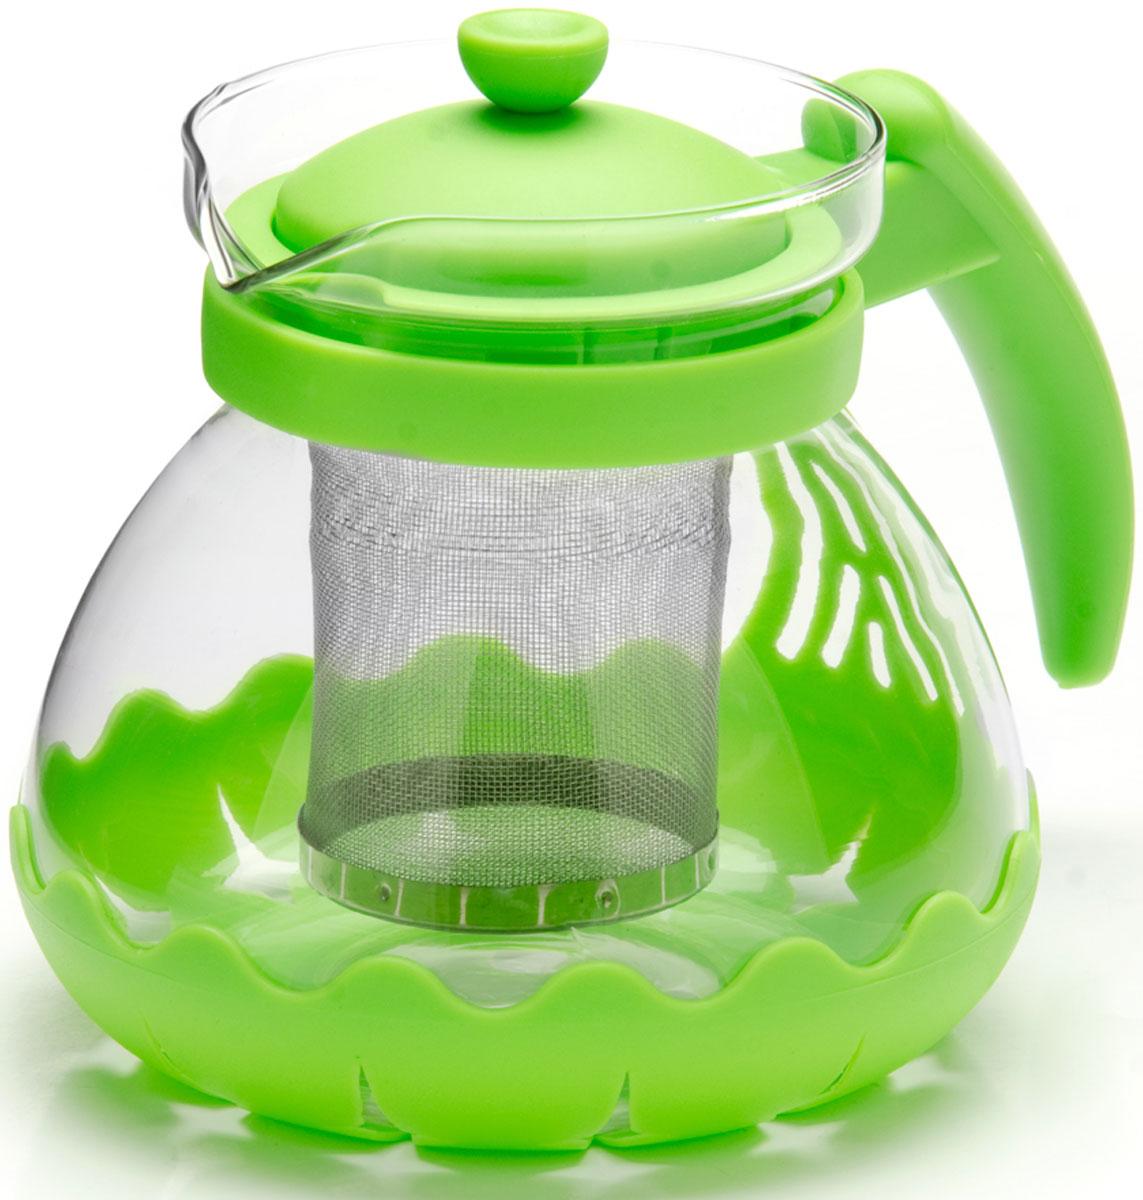 Чайник заварочный Mayer & Boch, с фильтром, цвет: зеленый, 700 мл. 26173-3391602Заварочный чайник Mayer & Boch изготовлен из термостойкого боросиликатного стекла, фильтр выполнен из нержавеющей стали. Изделия из стекла не впитывают запахи, благодаря чему вы всегда получите натуральный, насыщенный вкус и аромат напитков. Заварочный чайник из стекла удобно использовать для повседневного заваривания чая практически любого сорта. Но цветочные, фруктовые, красные и желтые сорта чая лучше других раскрывают свой вкус и аромат при заваривании именно в стеклянных чайниках, а также сохраняют все полезные ферменты и витамины, содержащиеся в чайных листах. Стальной фильтр гарантирует прозрачность и чистоту напитка от чайных листьев, при этом сохранив букет и насыщенность чая.Прозрачные стенки чайника дают возможность насладиться насыщенным цветом заваренного чая. Изящный заварочный чайник Mayer & Boch будет прекрасно смотреться в любом интерьере. Подходит для мытья в посудомоечной машине.